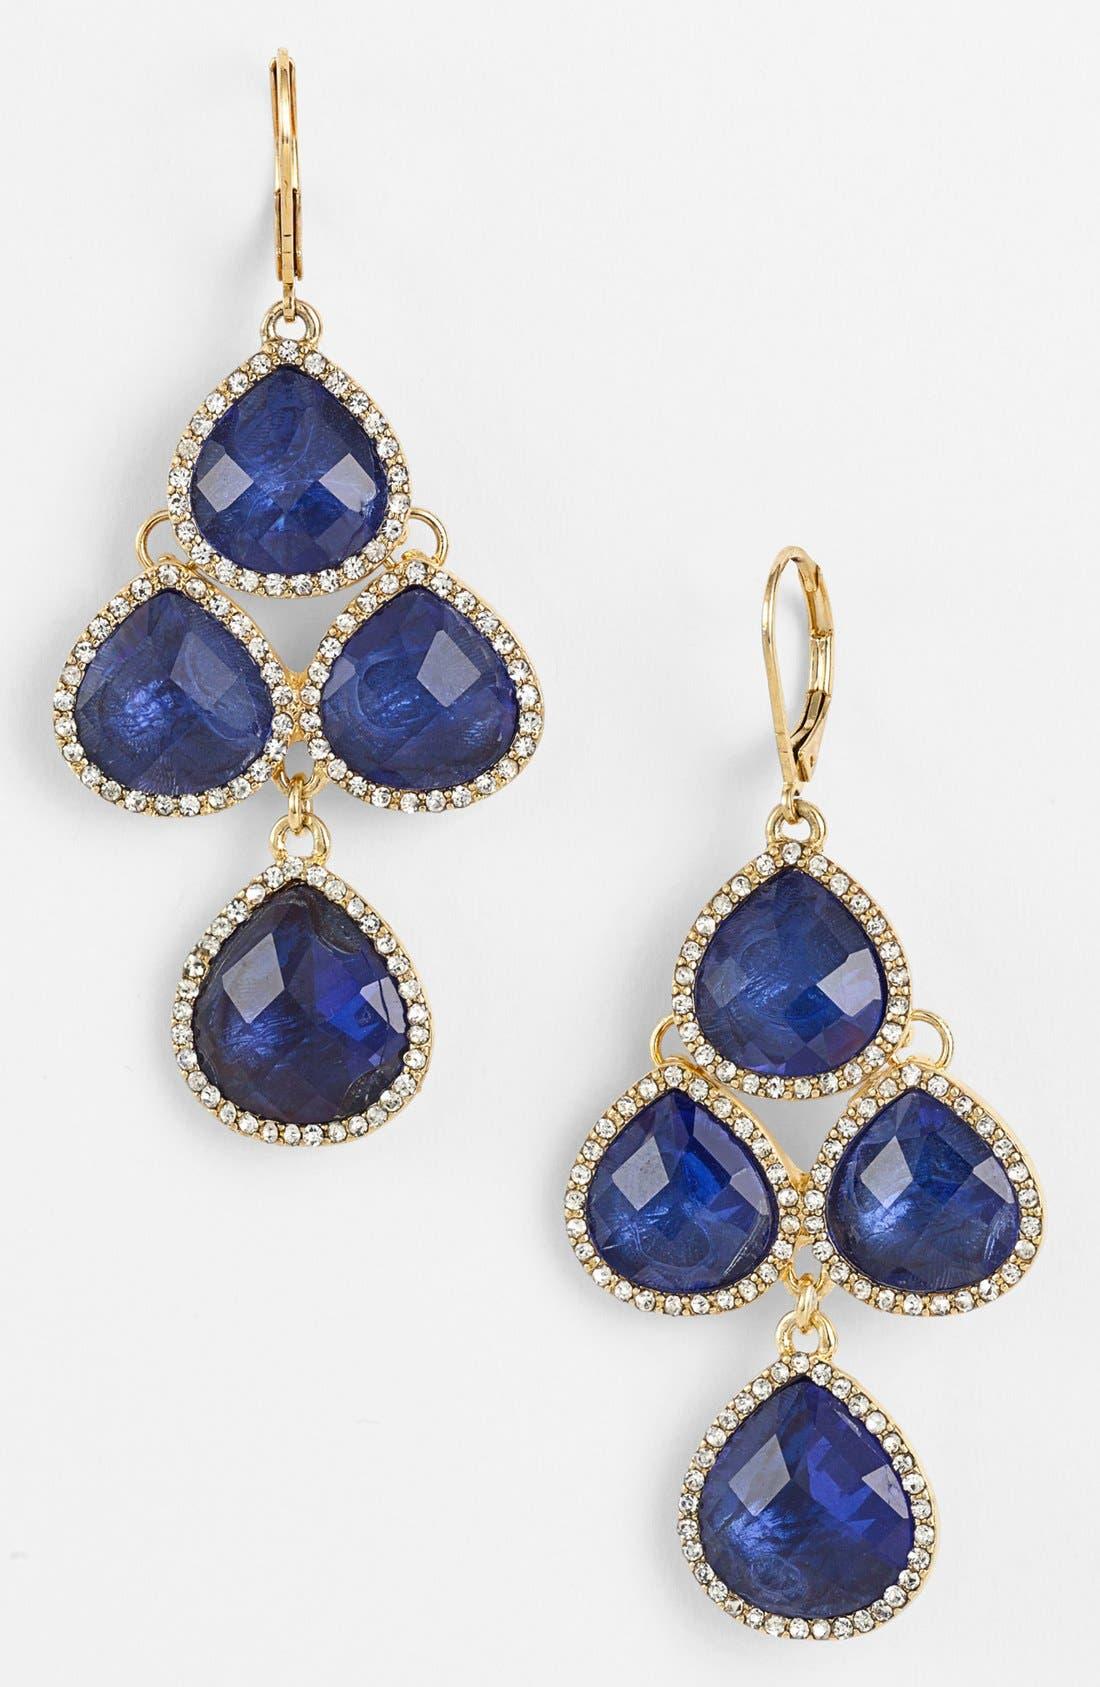 Main Image - Anne Klein Stone Chandelier Earrings